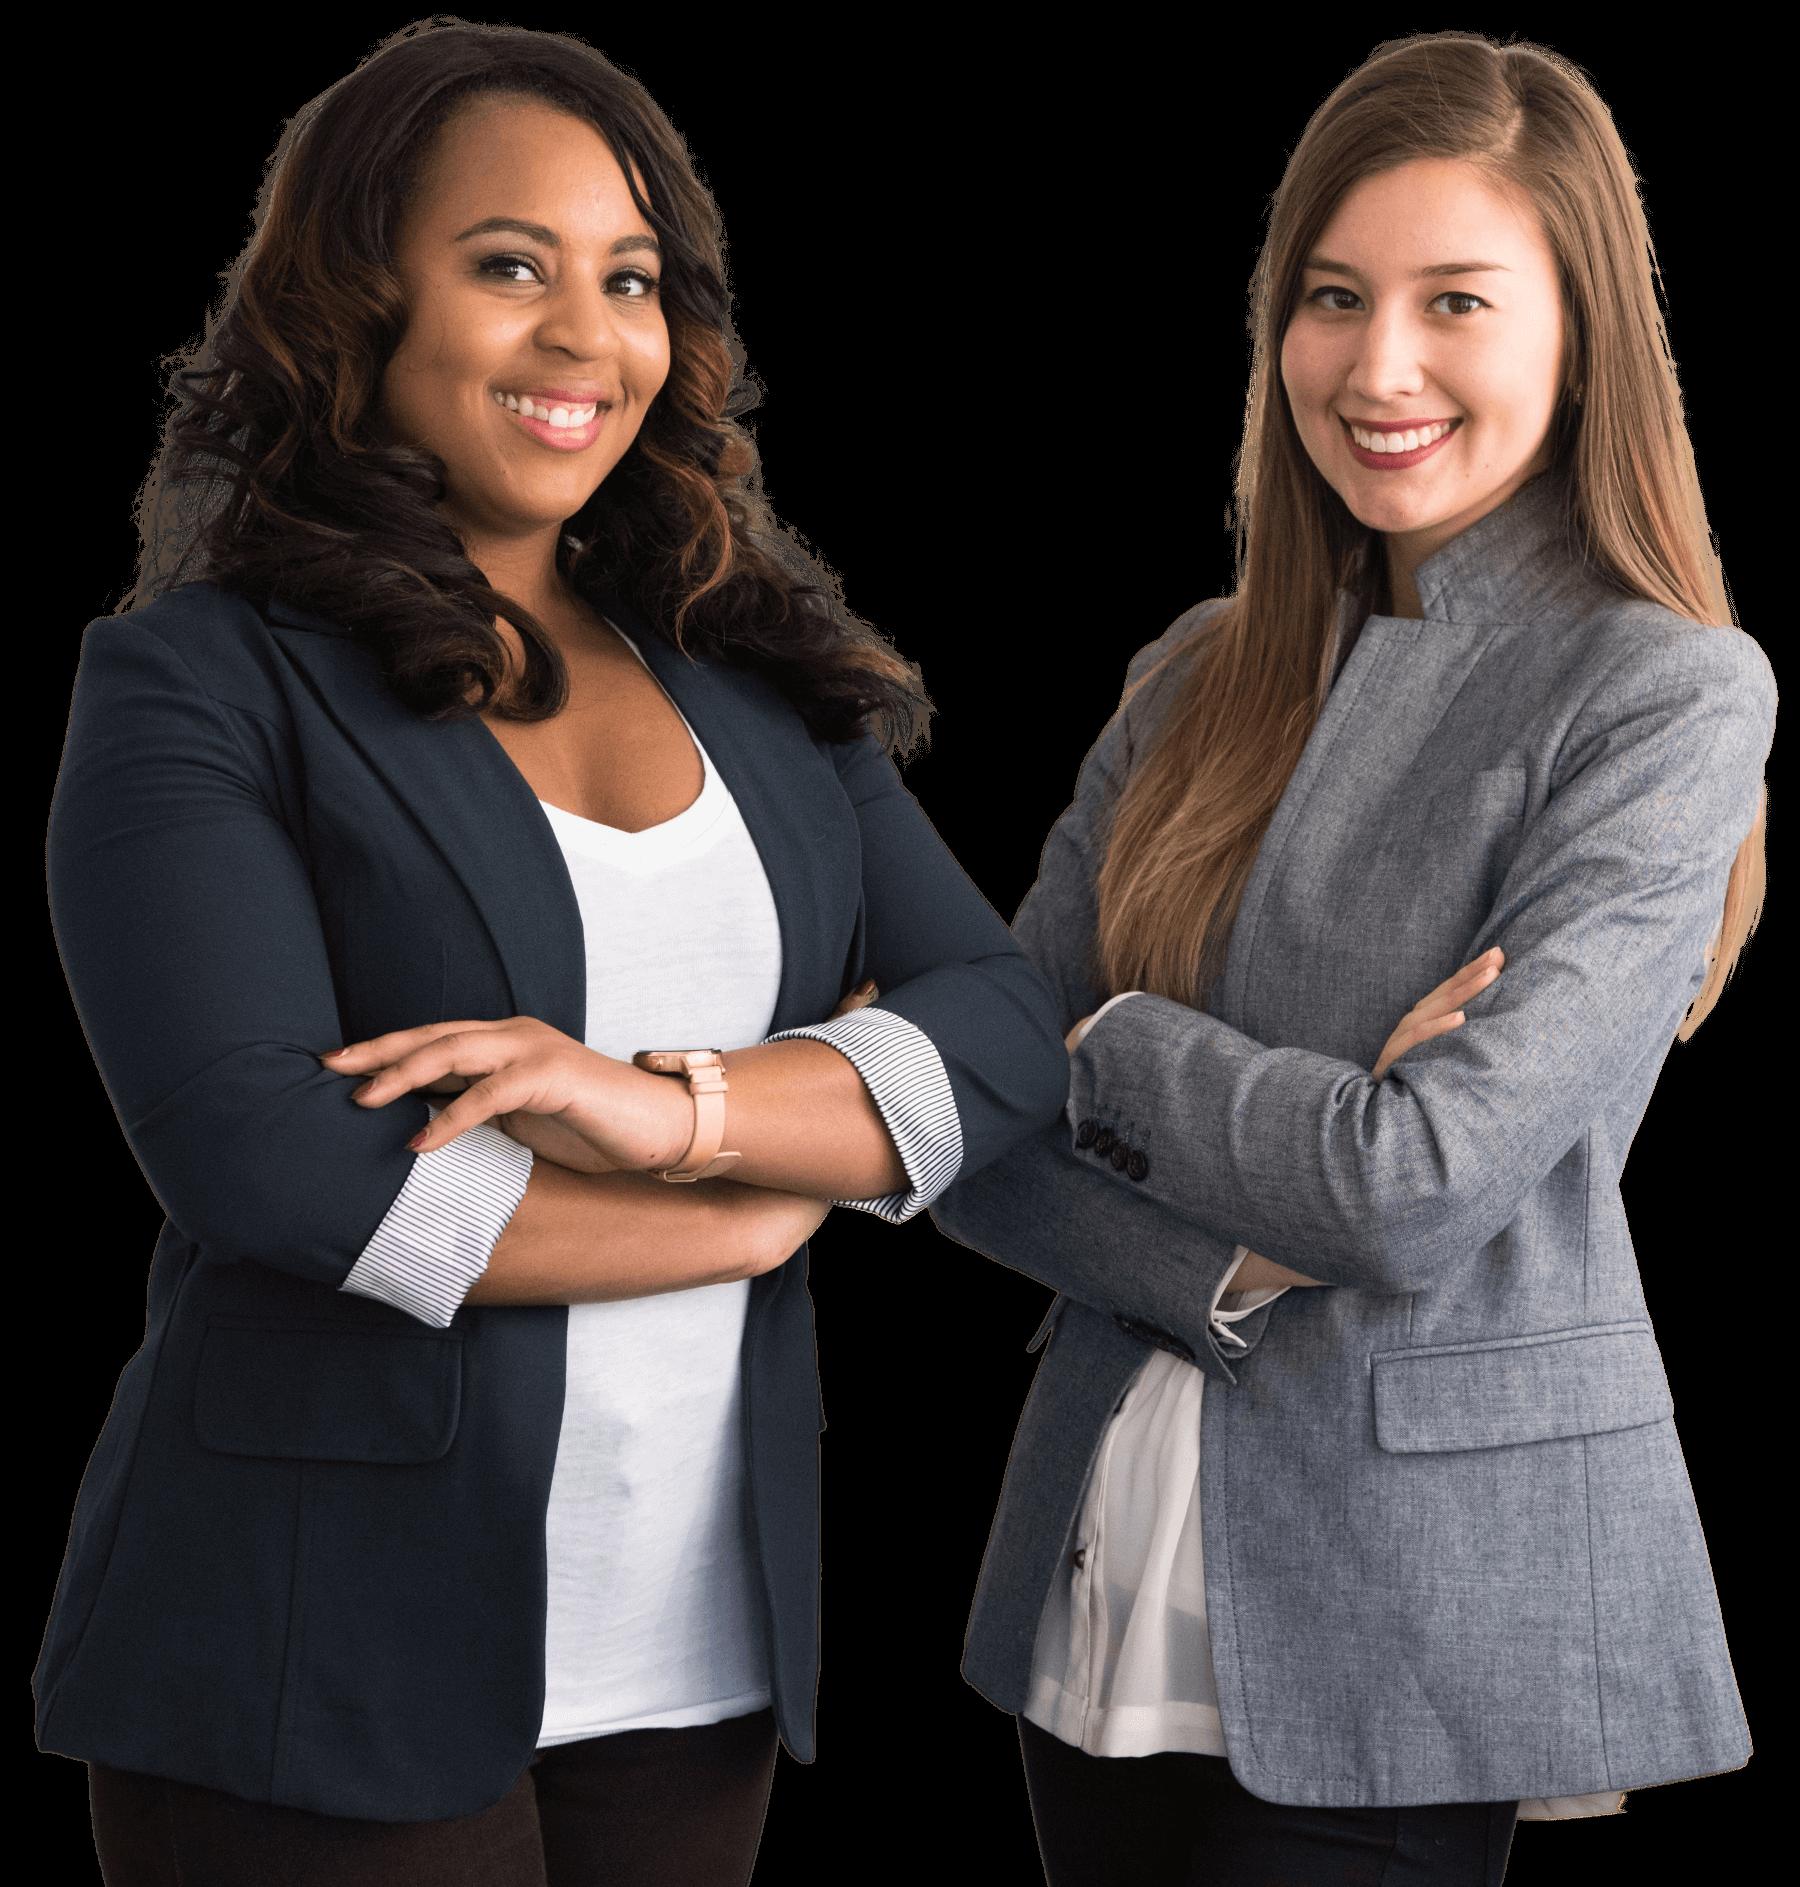 Les meilleures avocats en droit du travail pour vous accompagner